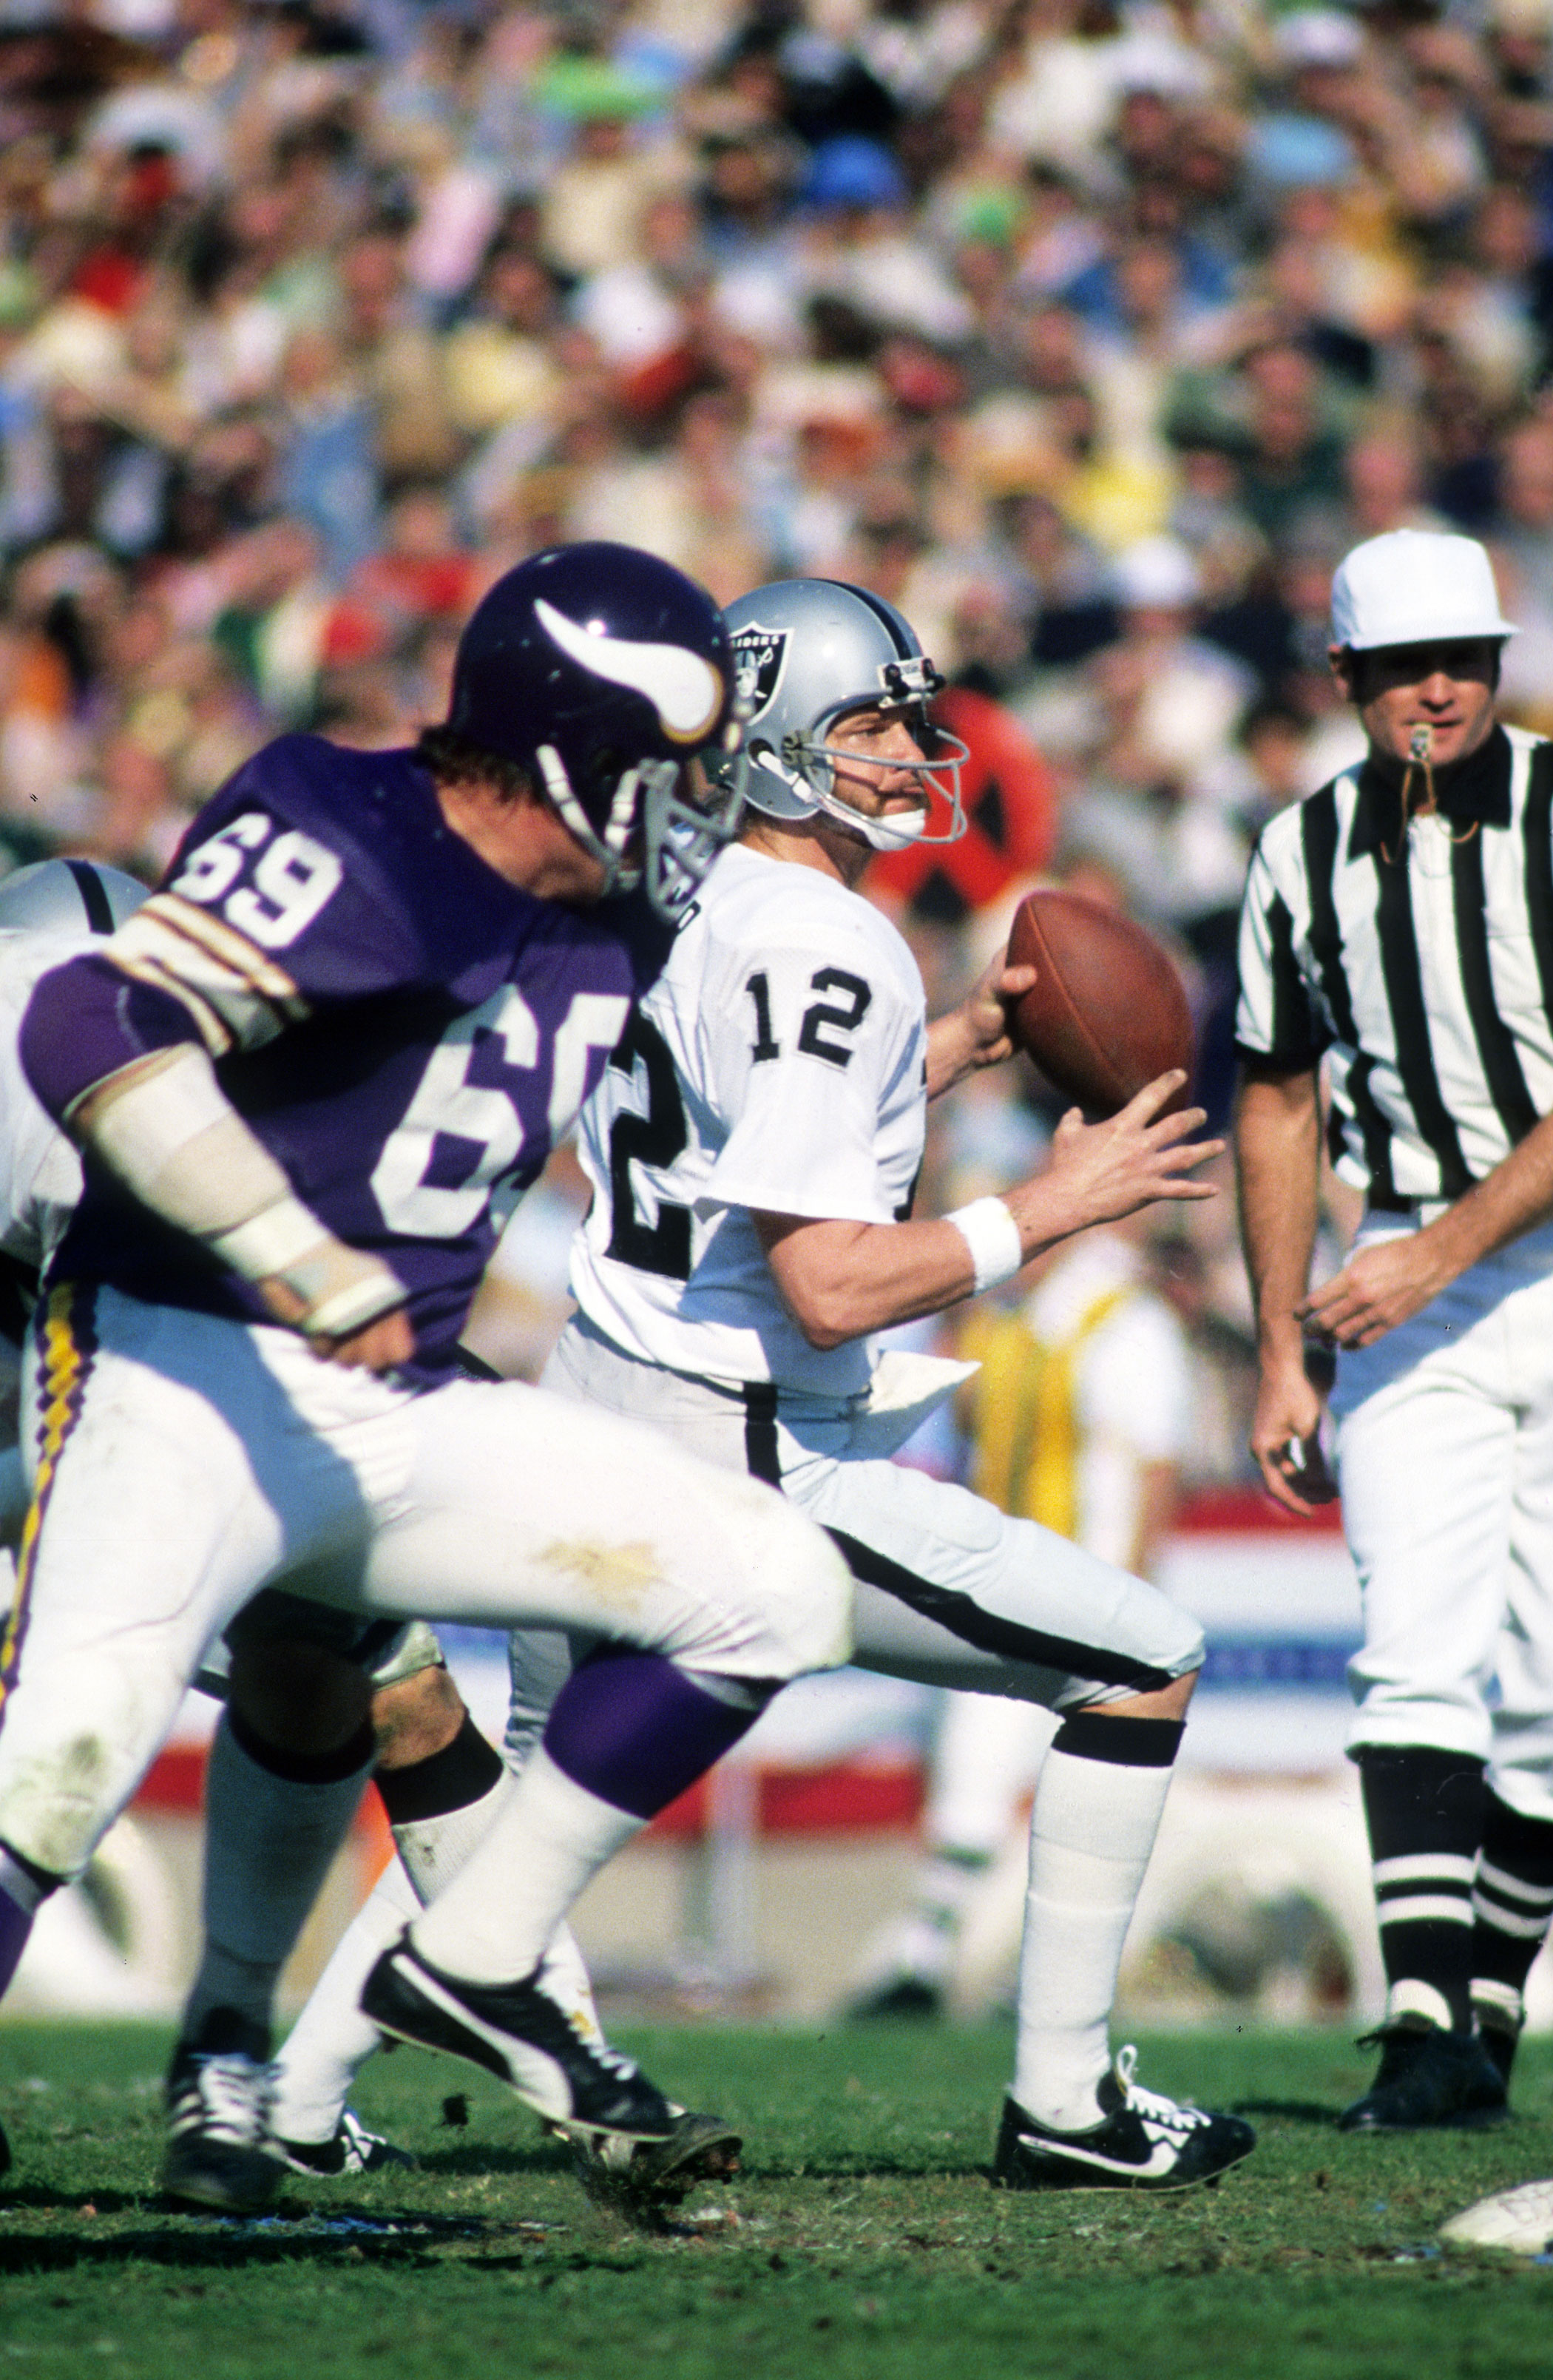 Super Bowl XI, Jan. 9, 1977                               Oakland Raiders vs Minnesota Vikings in Pasadena, Calif.